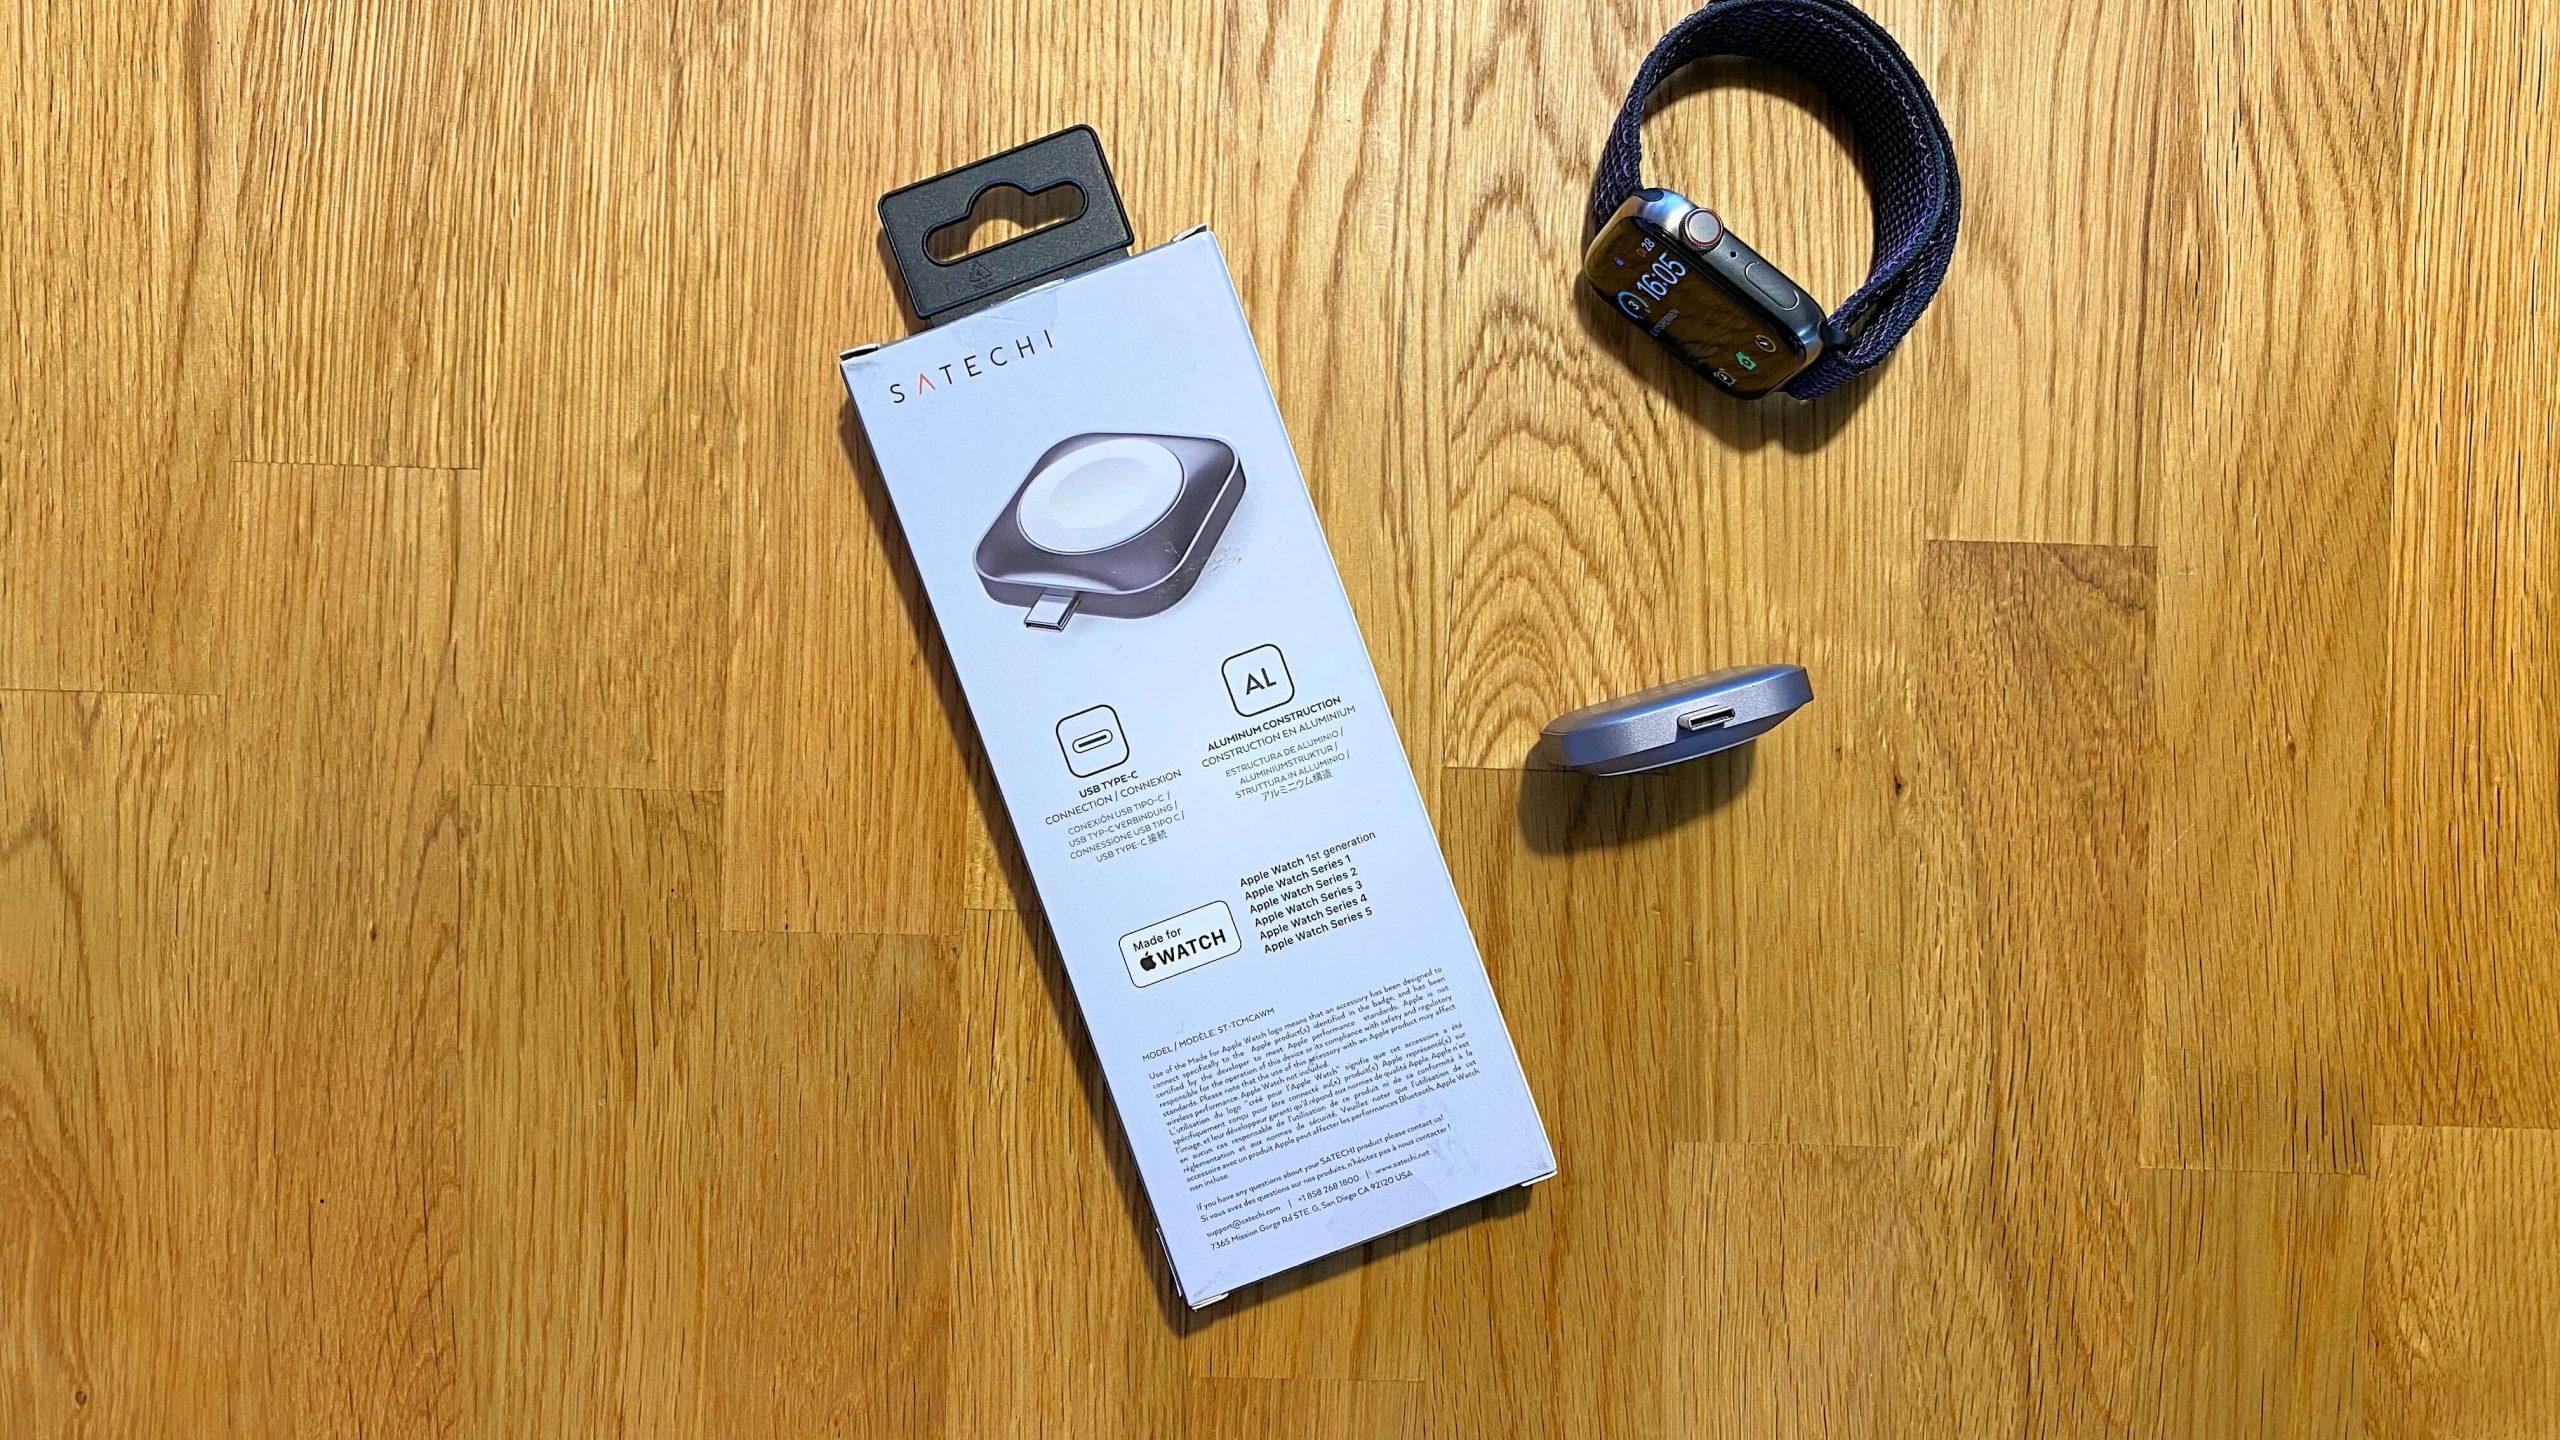 Satechi_Apple_Watch_USBC_Charger_Ladegerät_MFI_Review3-scaled USB-C-Adapter für die Apple Watch von Satechi - ganz ohne Kabel aufladen